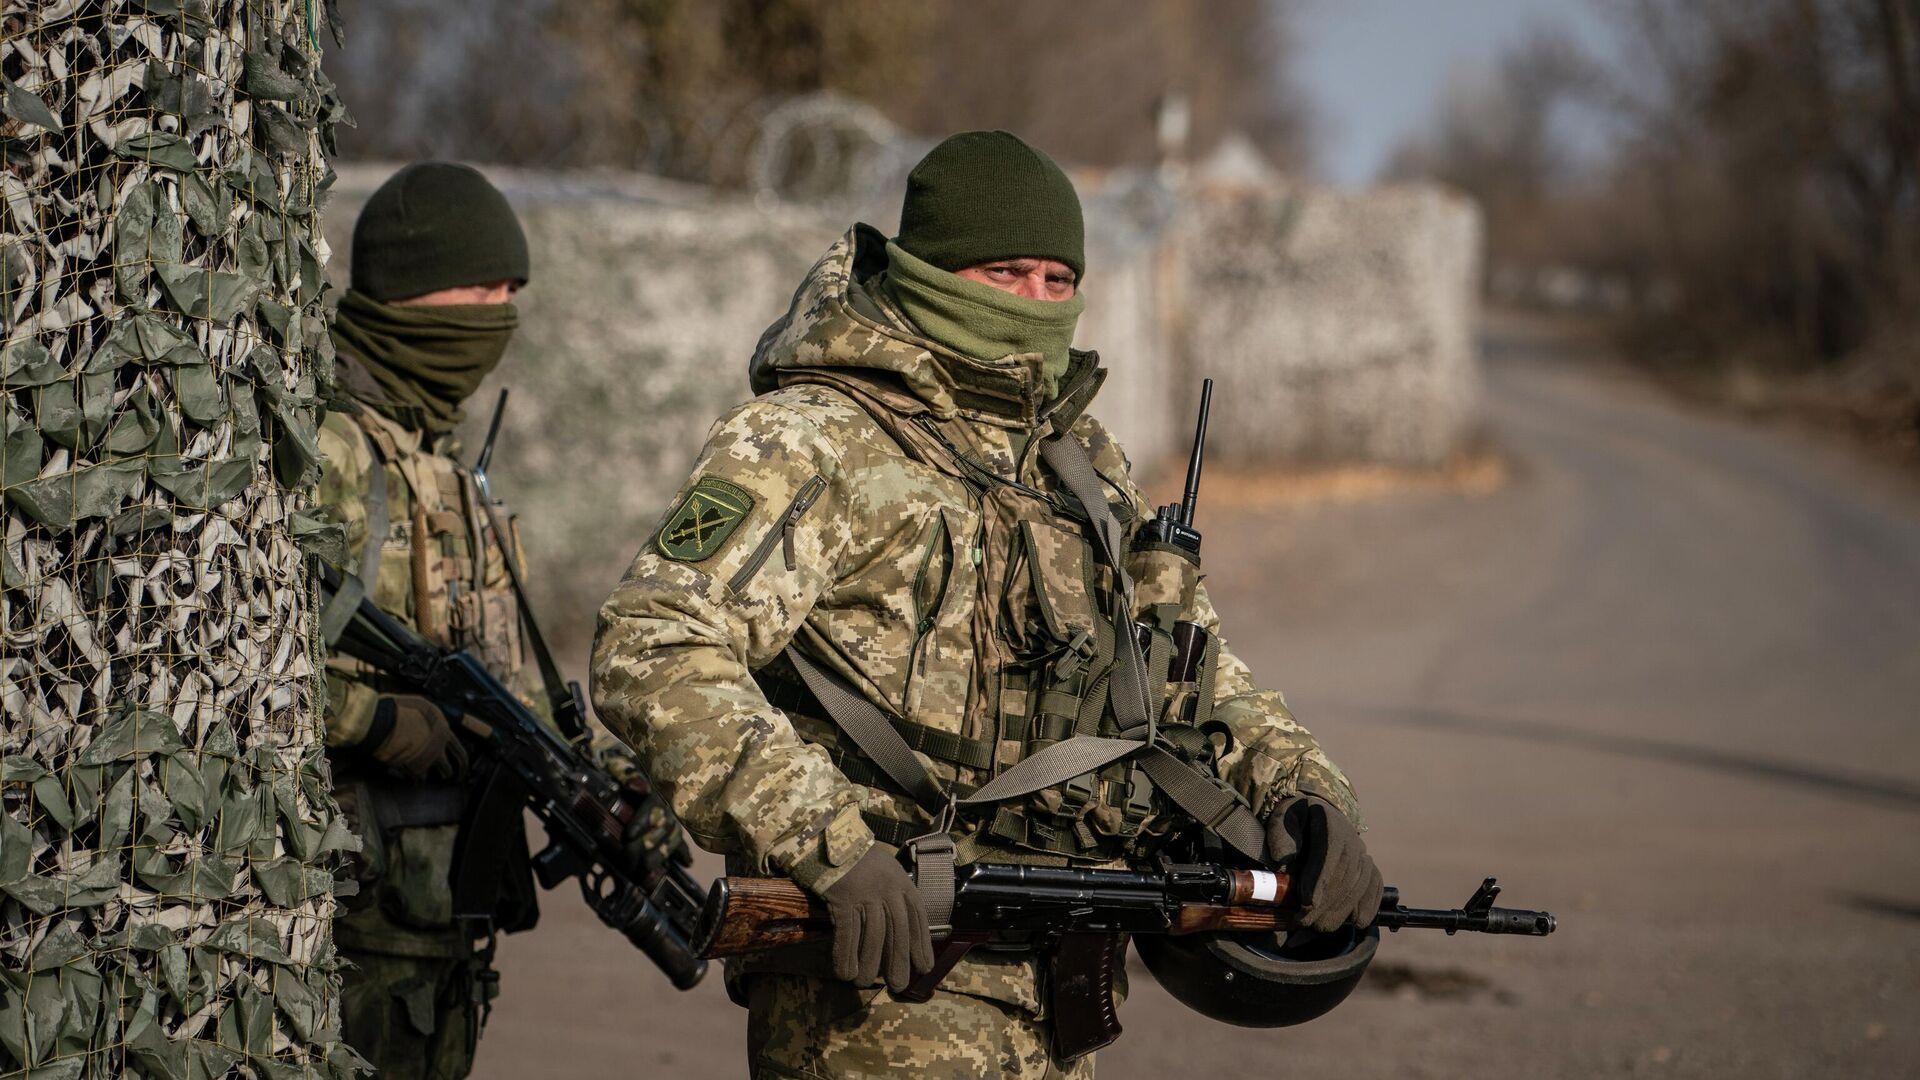 Украинские военнослужащие охраняют контрольно-пропускной пункт возле новой линии соприкосновения в Золотом, Луганская область - РИА Новости, 1920, 10.04.2021